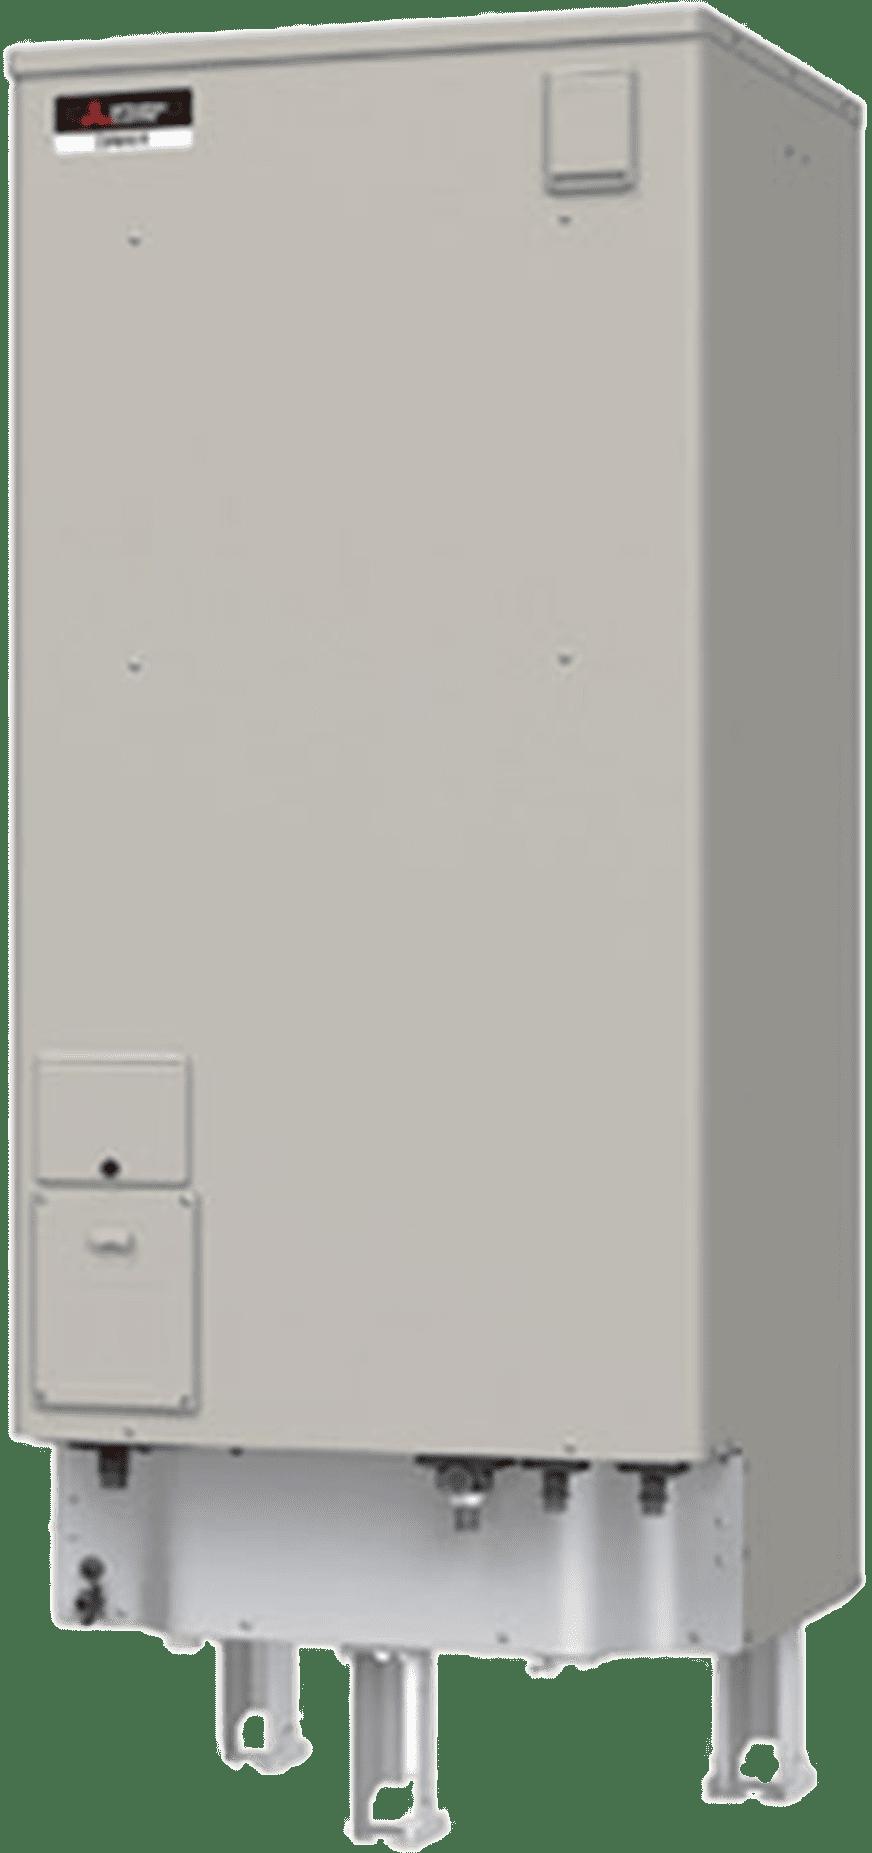 三菱電機 電機温水器 SRT-J46WDM5